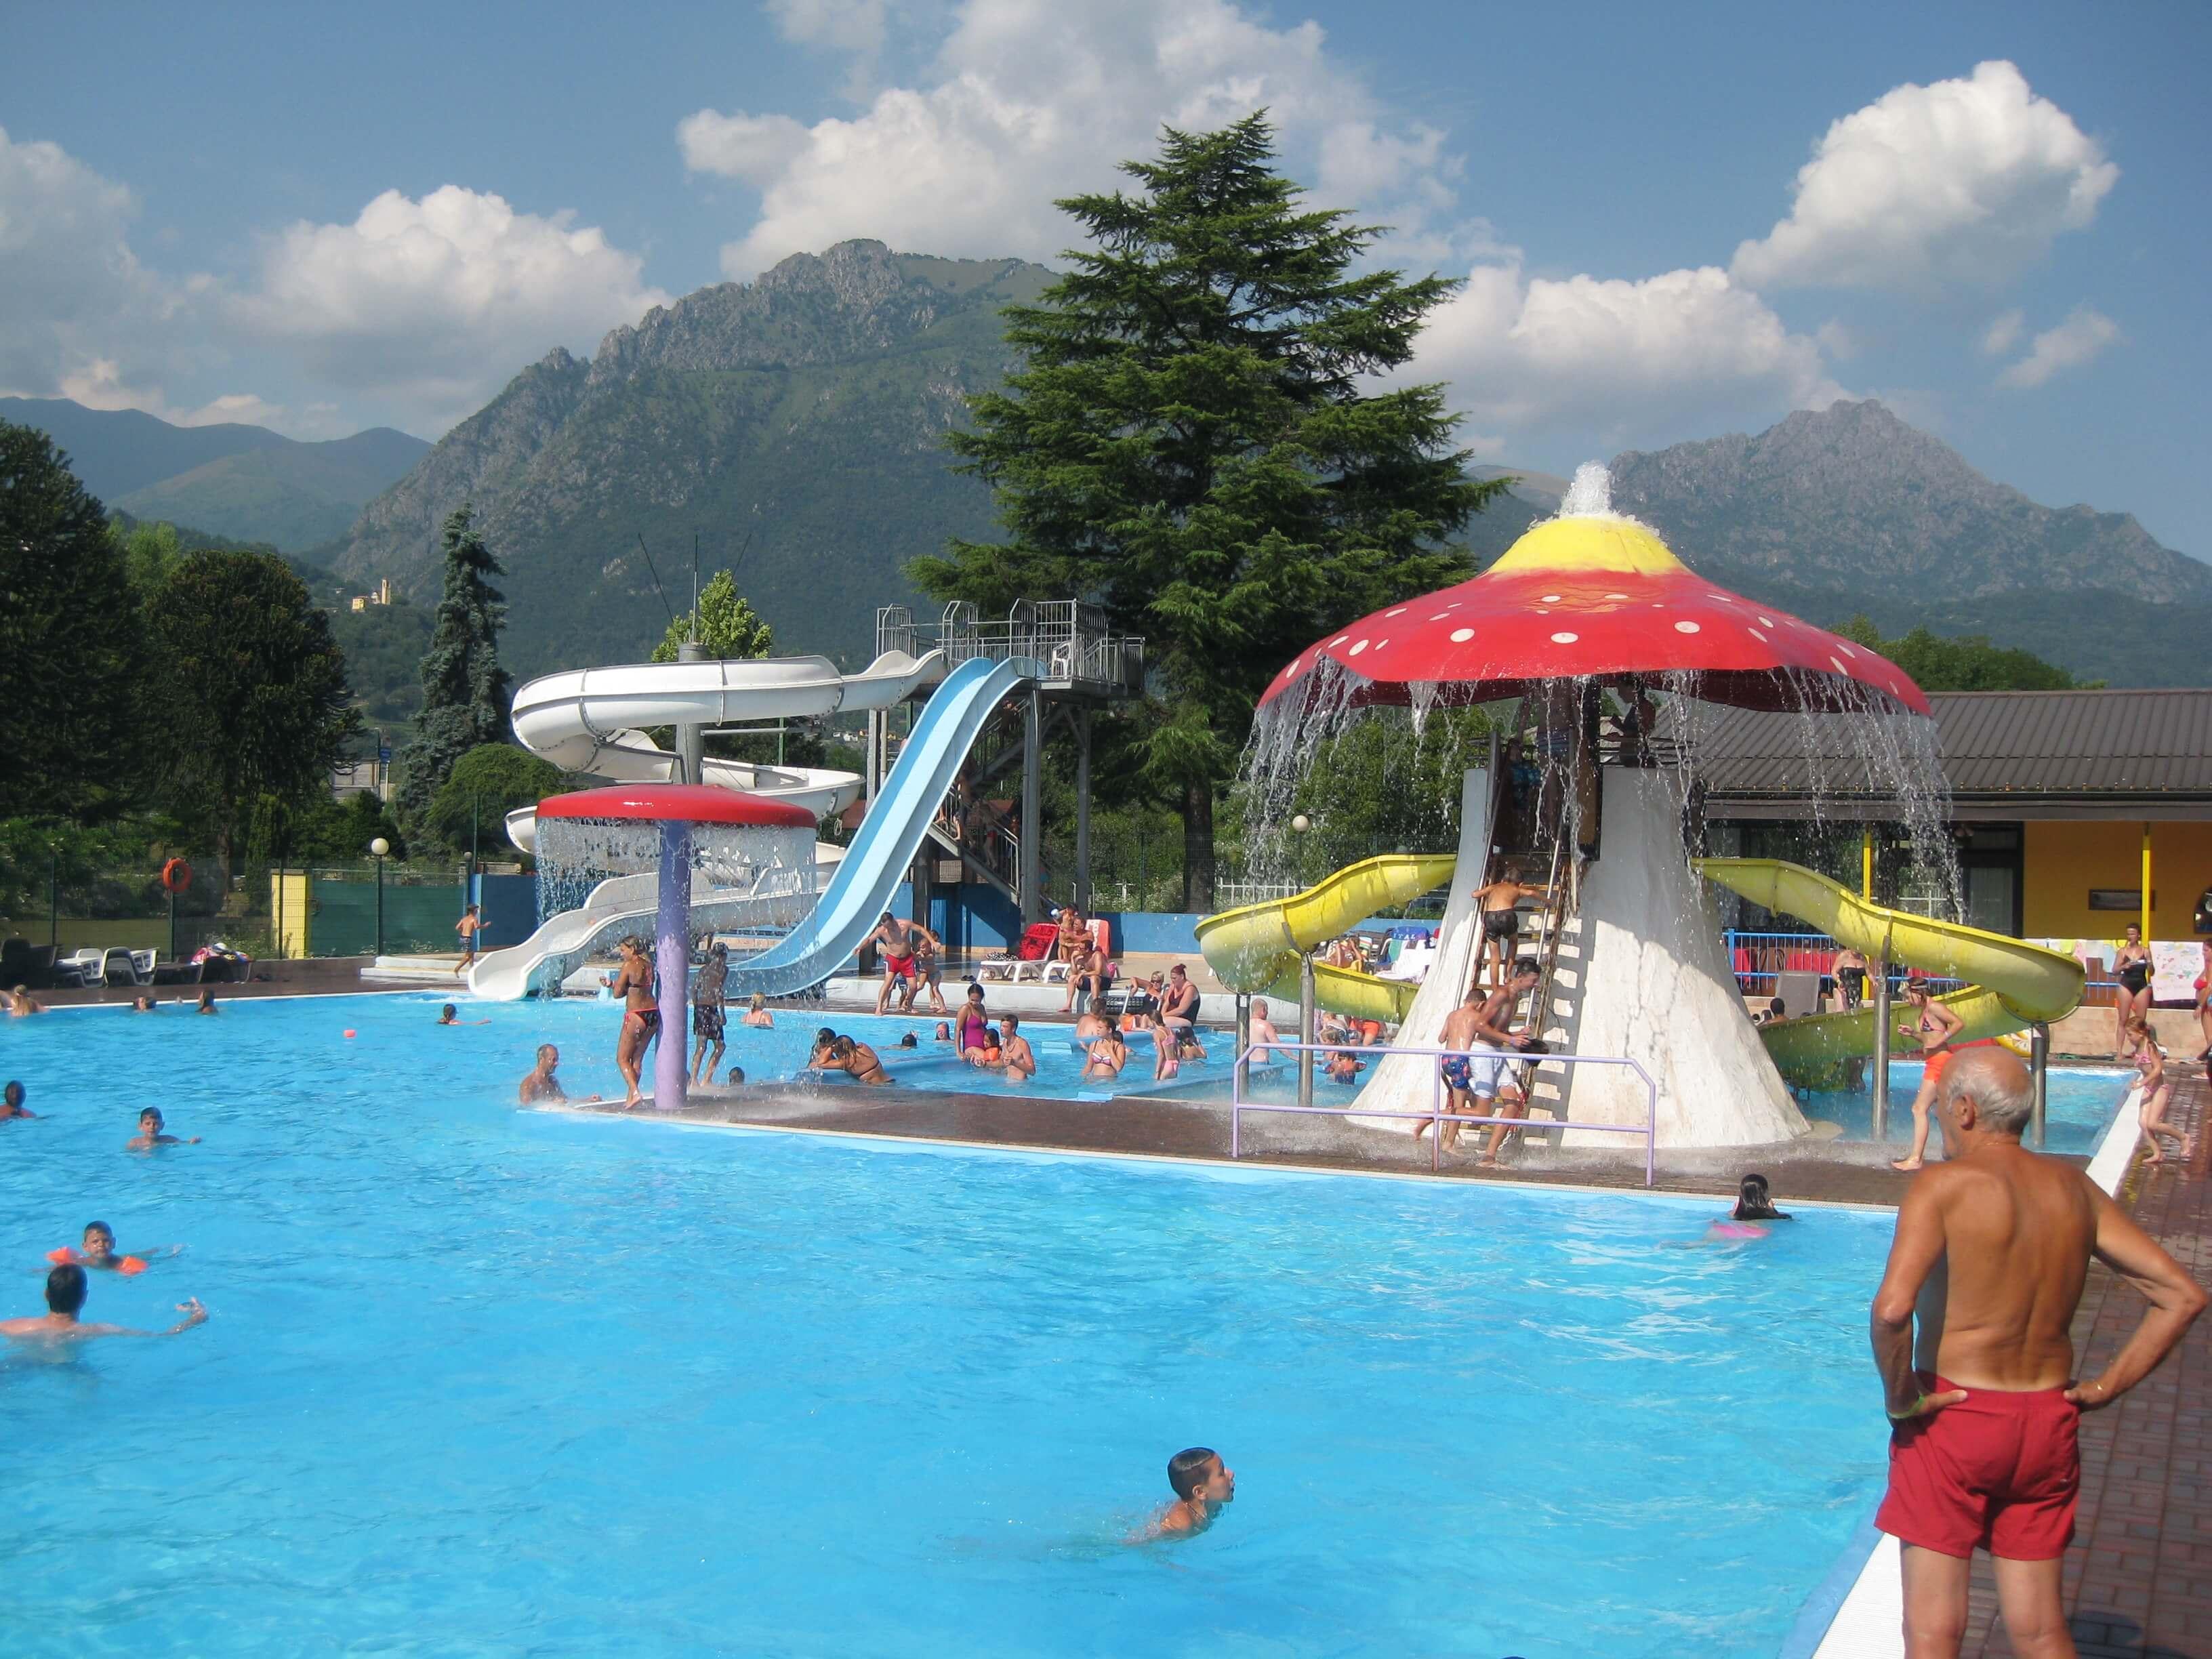 Het zwembad van de camping